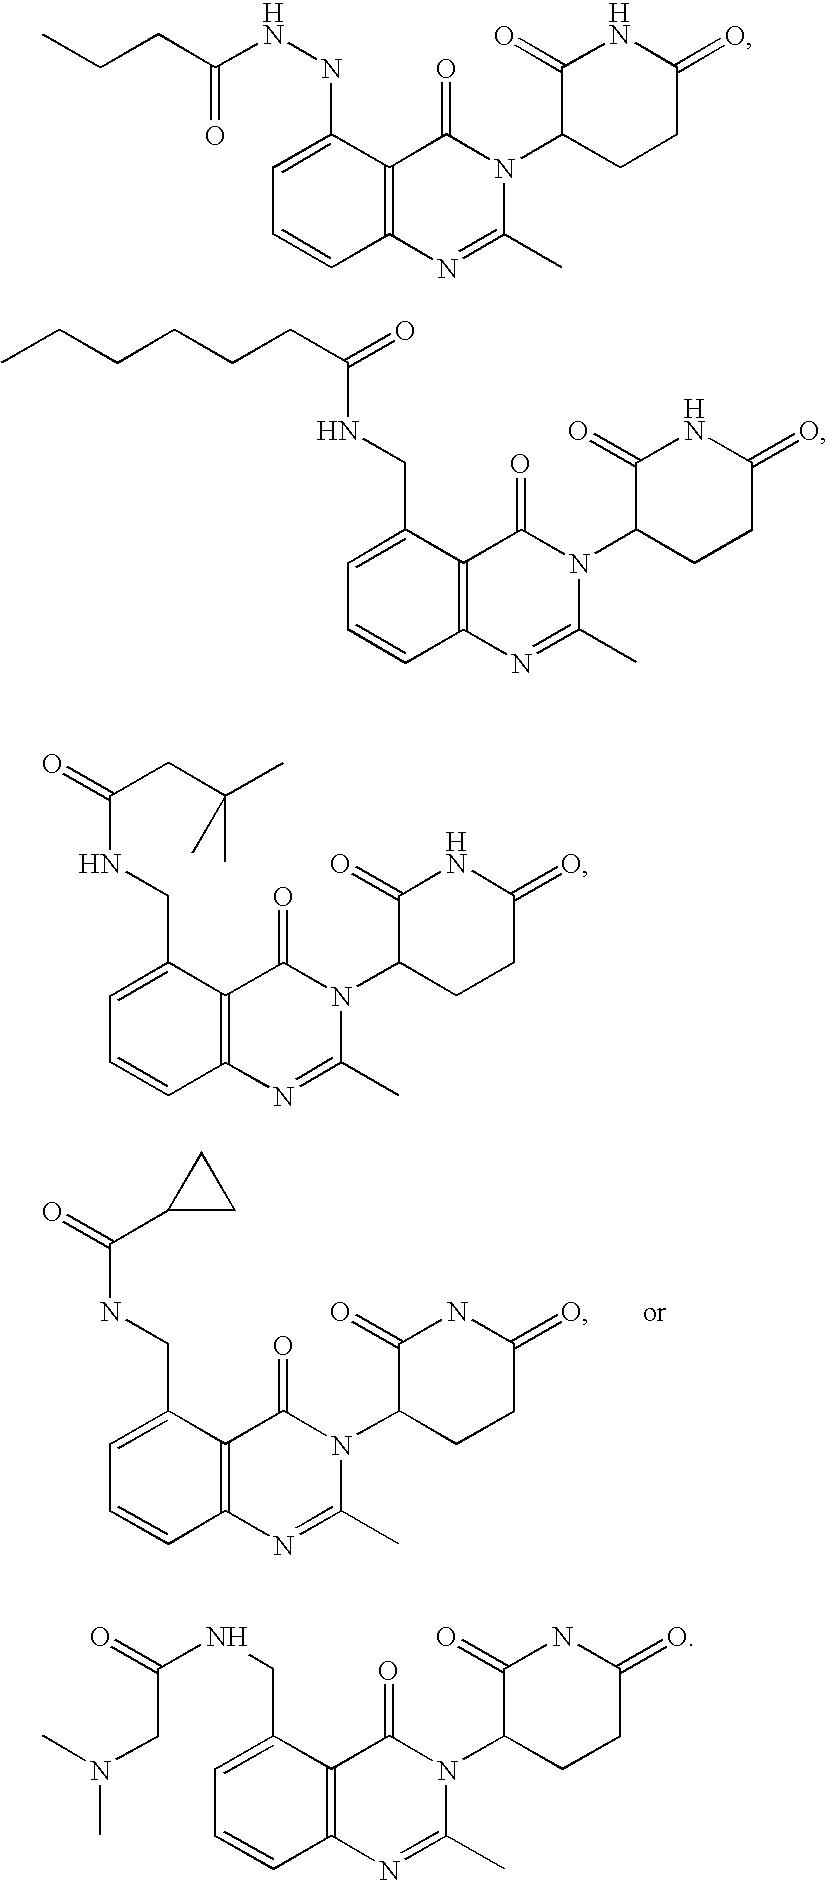 Figure US07635700-20091222-C00009